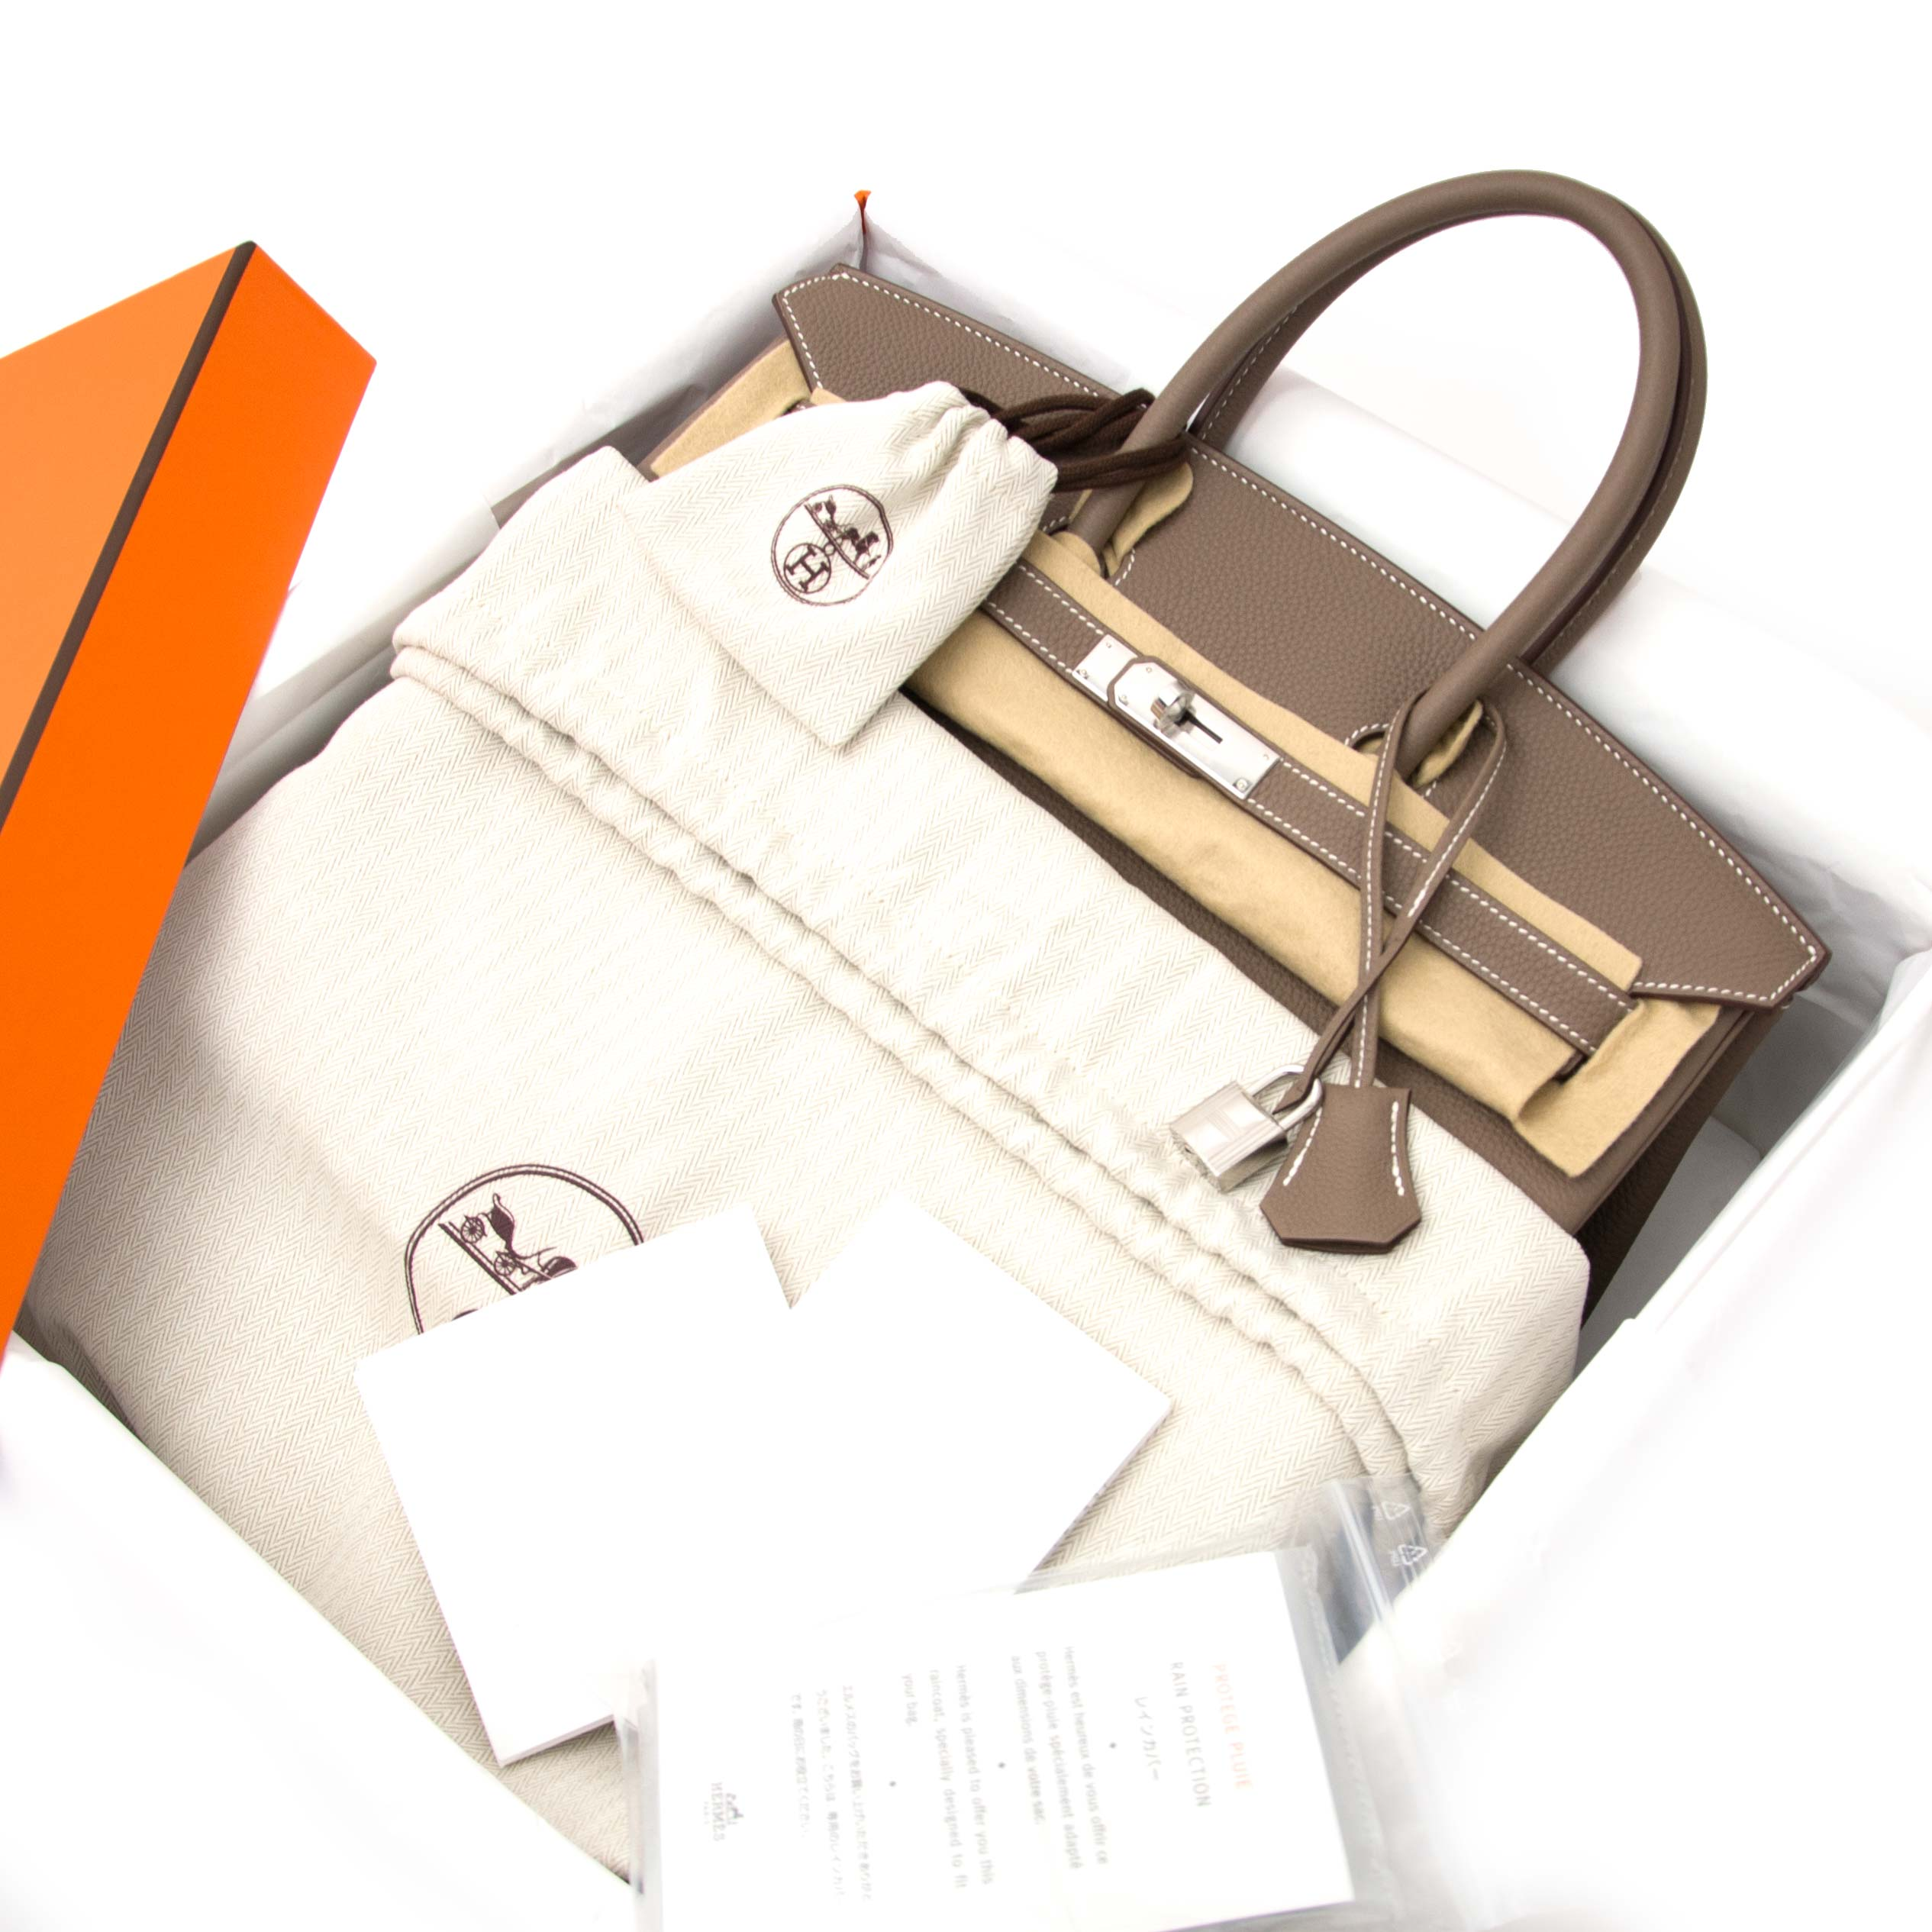 acheter en ligne pour le meilleur prix Never Used Hermes Birkin 35 Togo Etoupe PHW